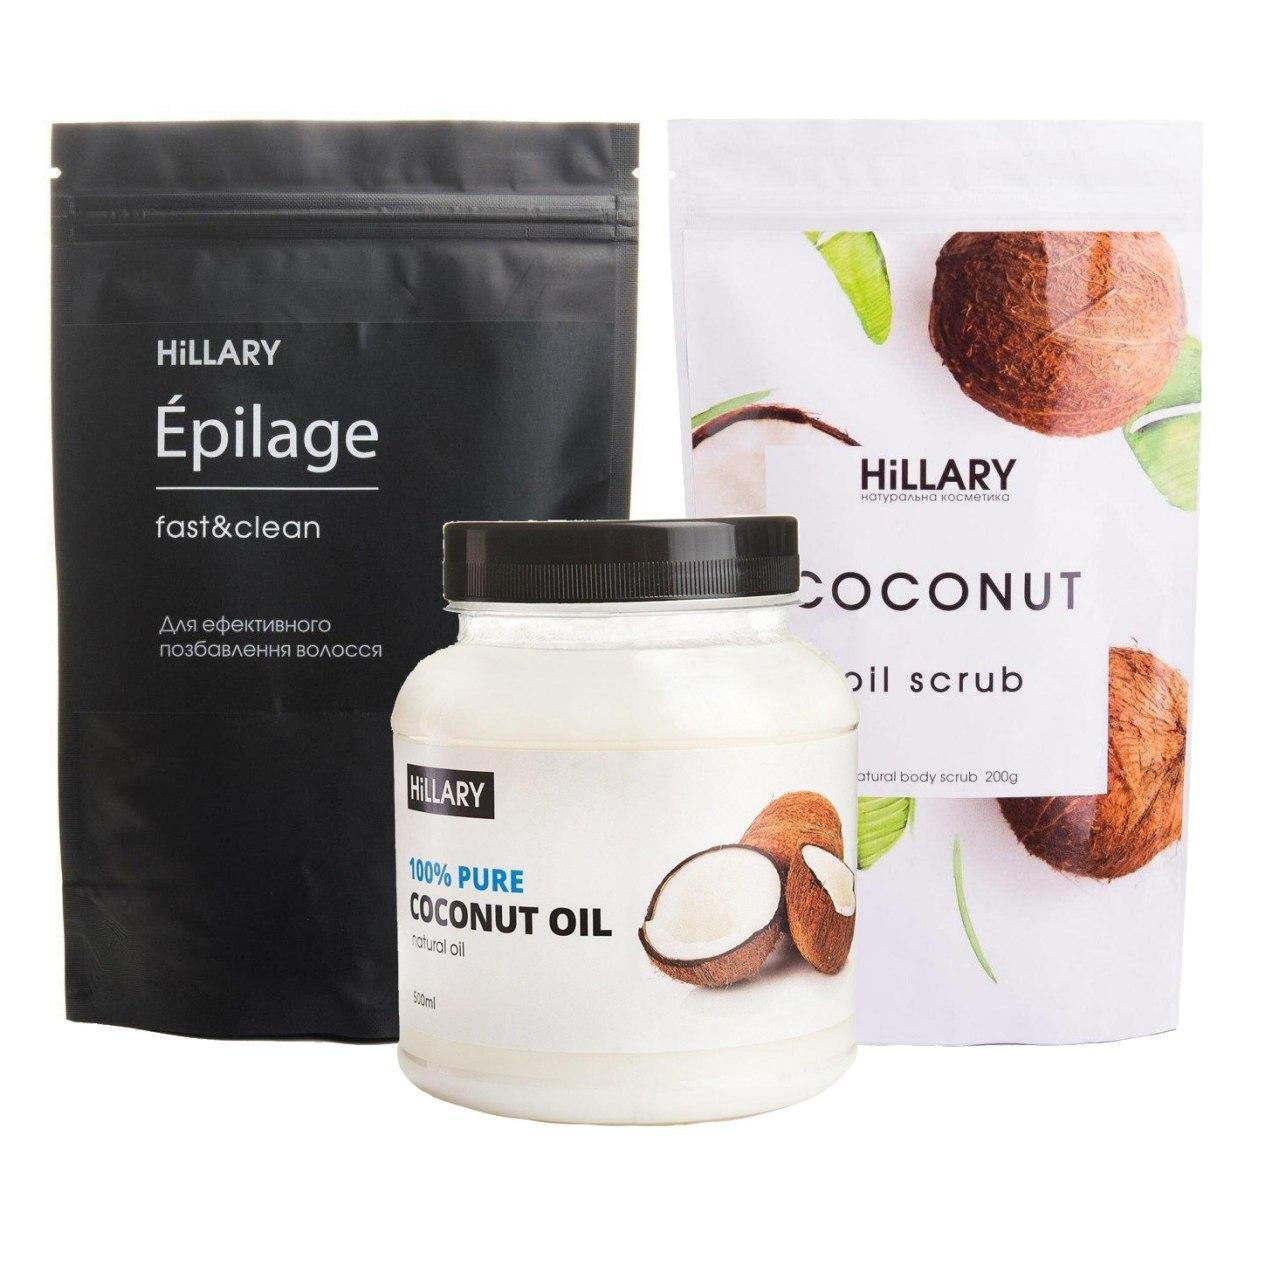 Набор Hillary рафинированное кокосовое масло 500мл, Epilage Original 200г и кокосовый скраб 200г SKL13-240756